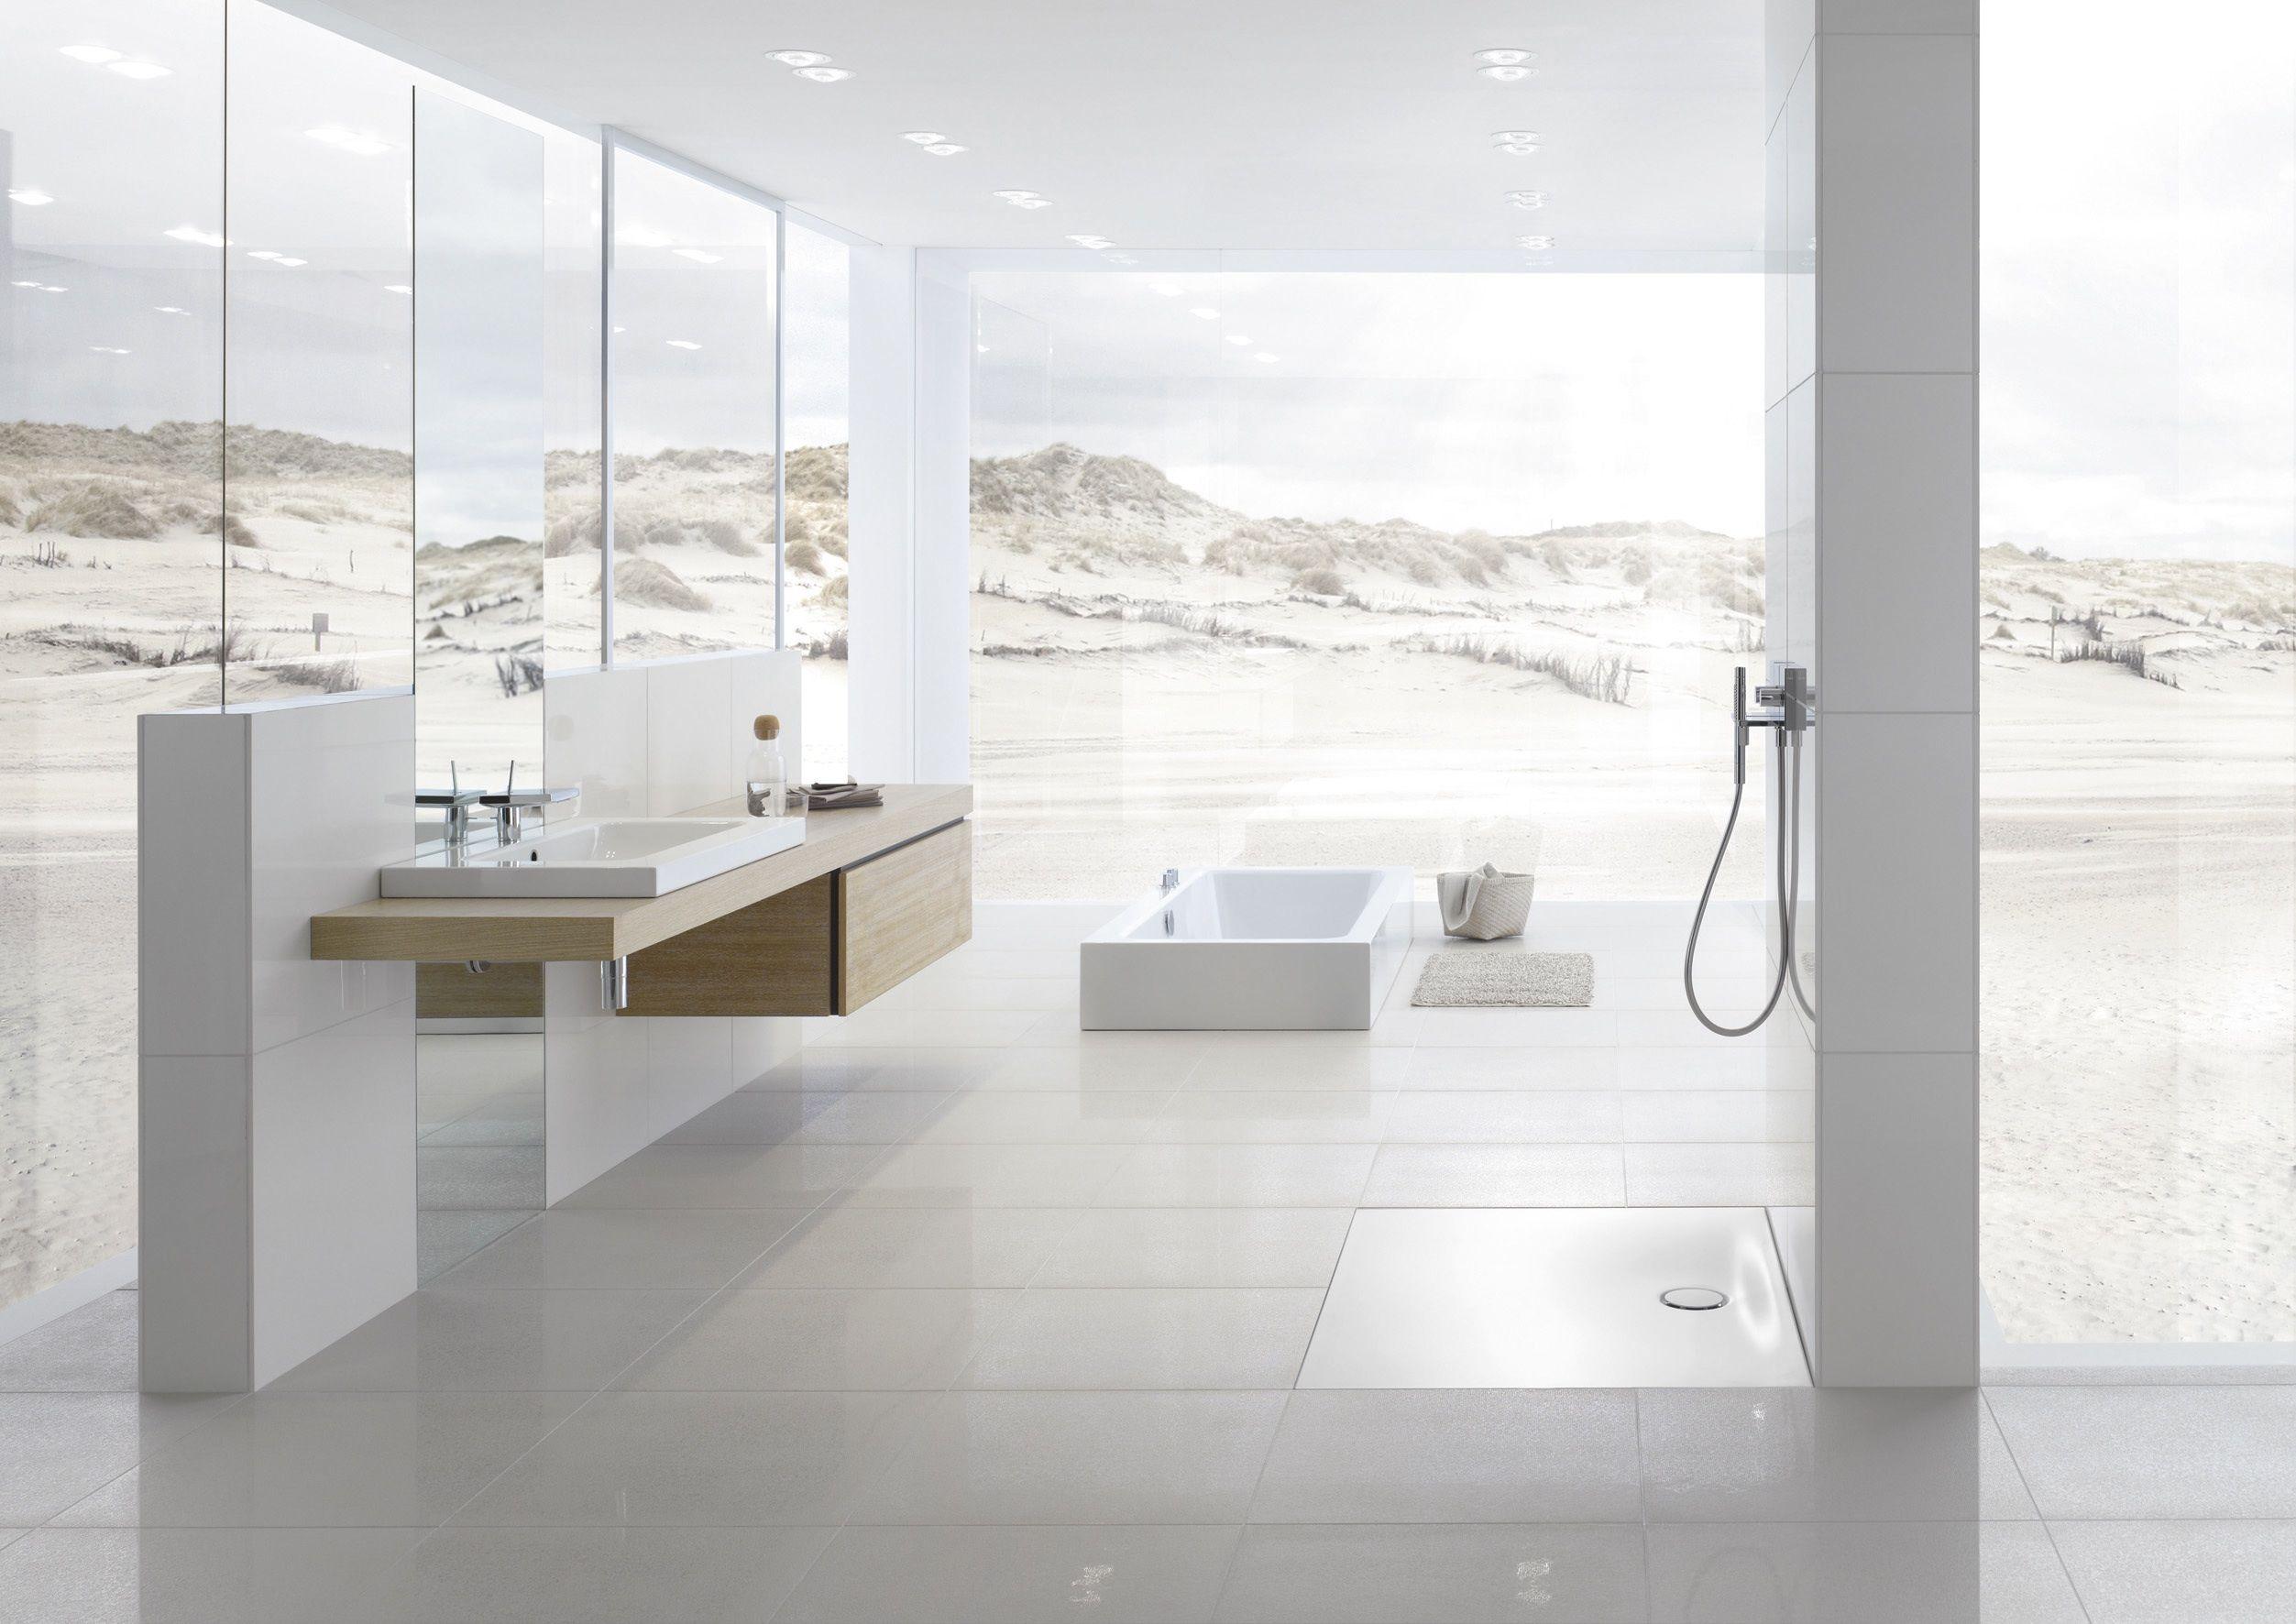 bette inloopdouche met waterafvoer aan de rand product. Black Bedroom Furniture Sets. Home Design Ideas